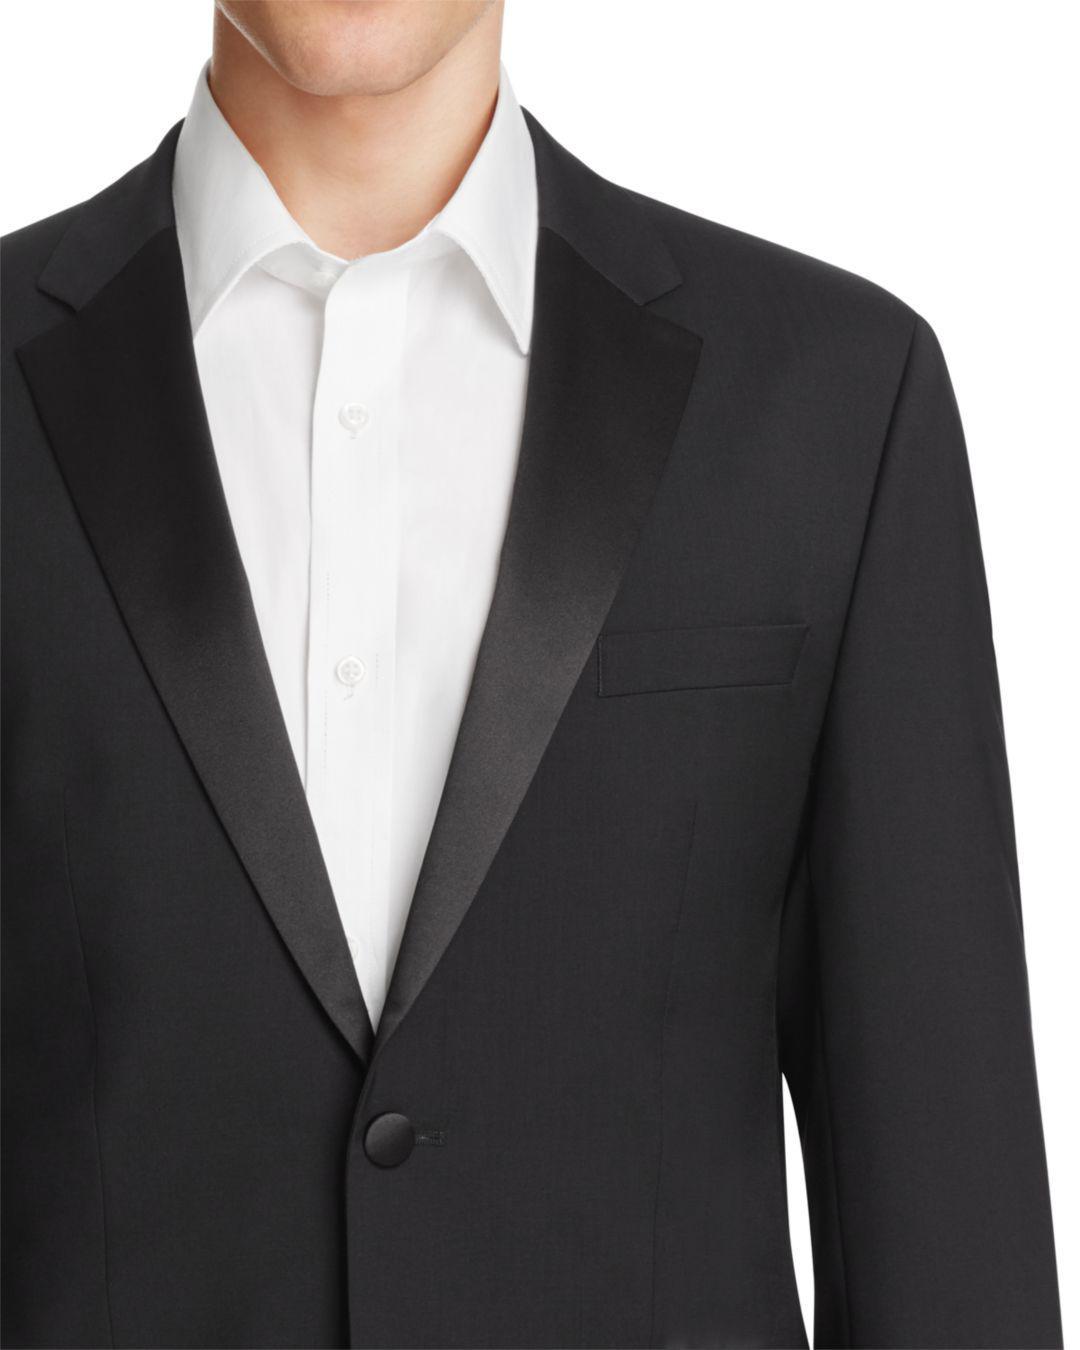 4c9b22bb3 BOSS Stars Glamour Tuxedo Suit - Regular Fit in Black for Men - Lyst